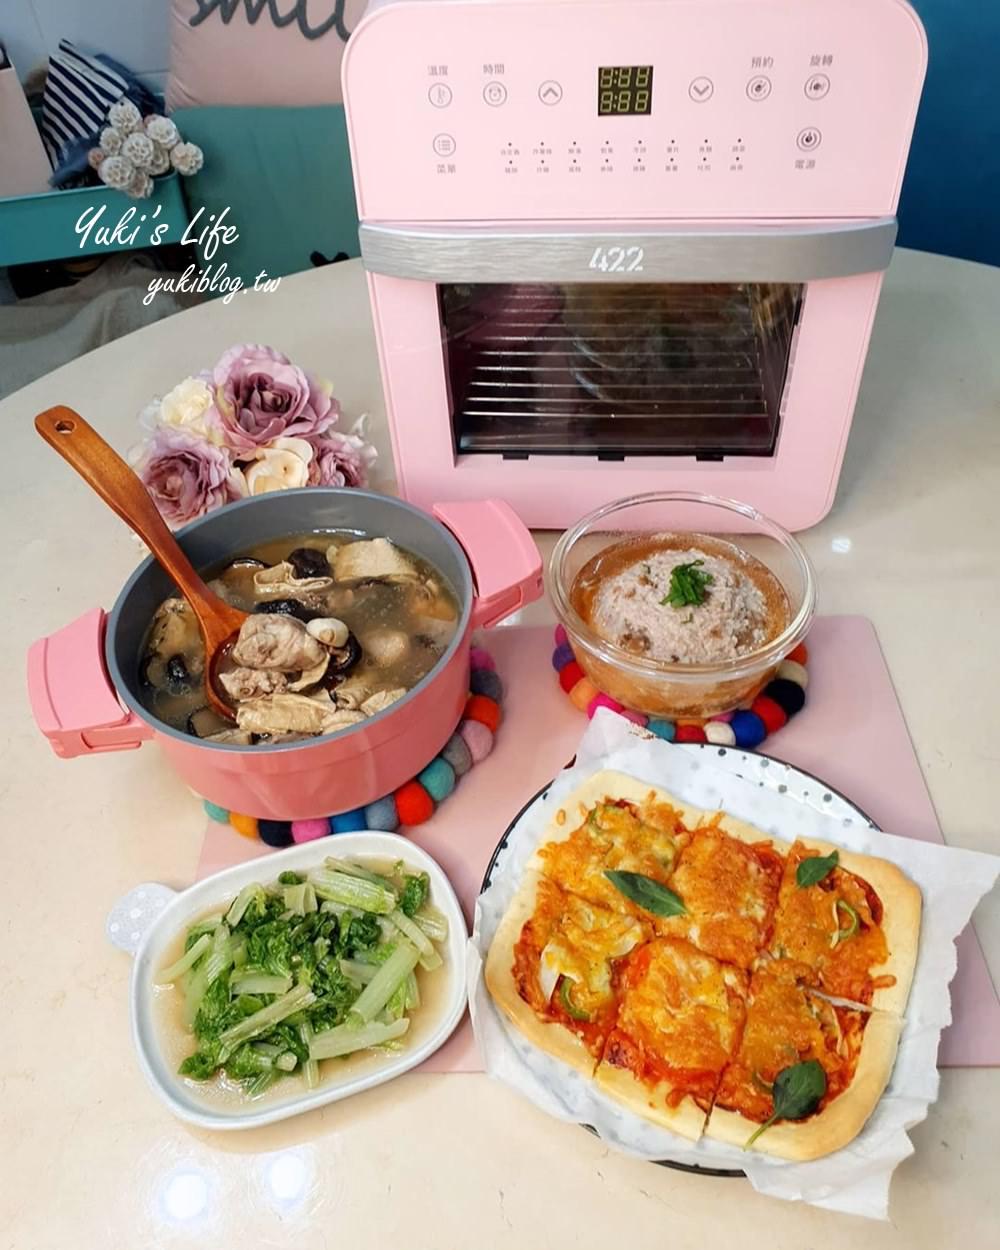 【瓜仔肉食譜】超簡單快速電鍋料理×鹹香好下飯! - yukiblog.tw